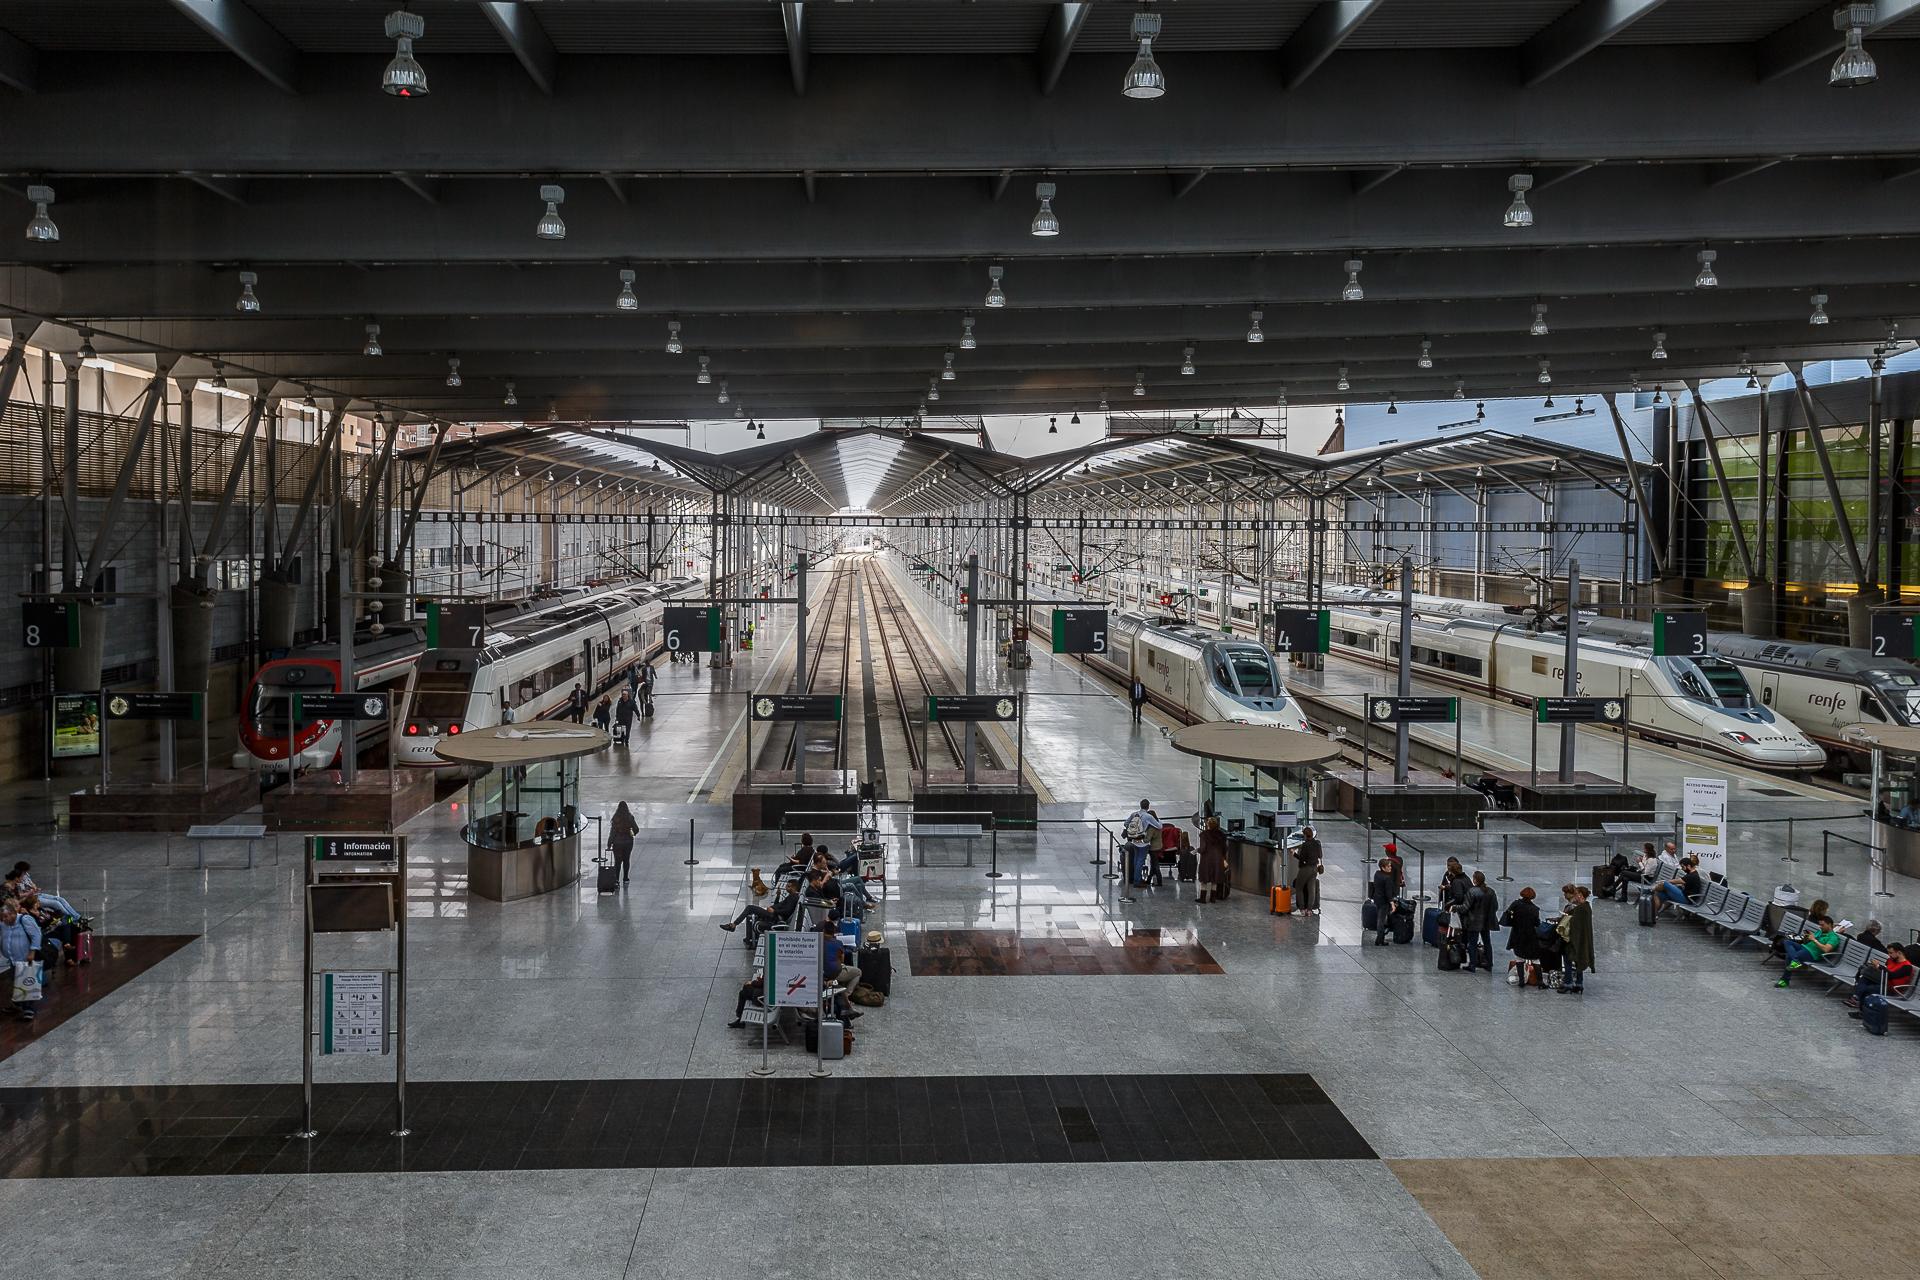 Estacion-Maria-Zambrano-Malaga